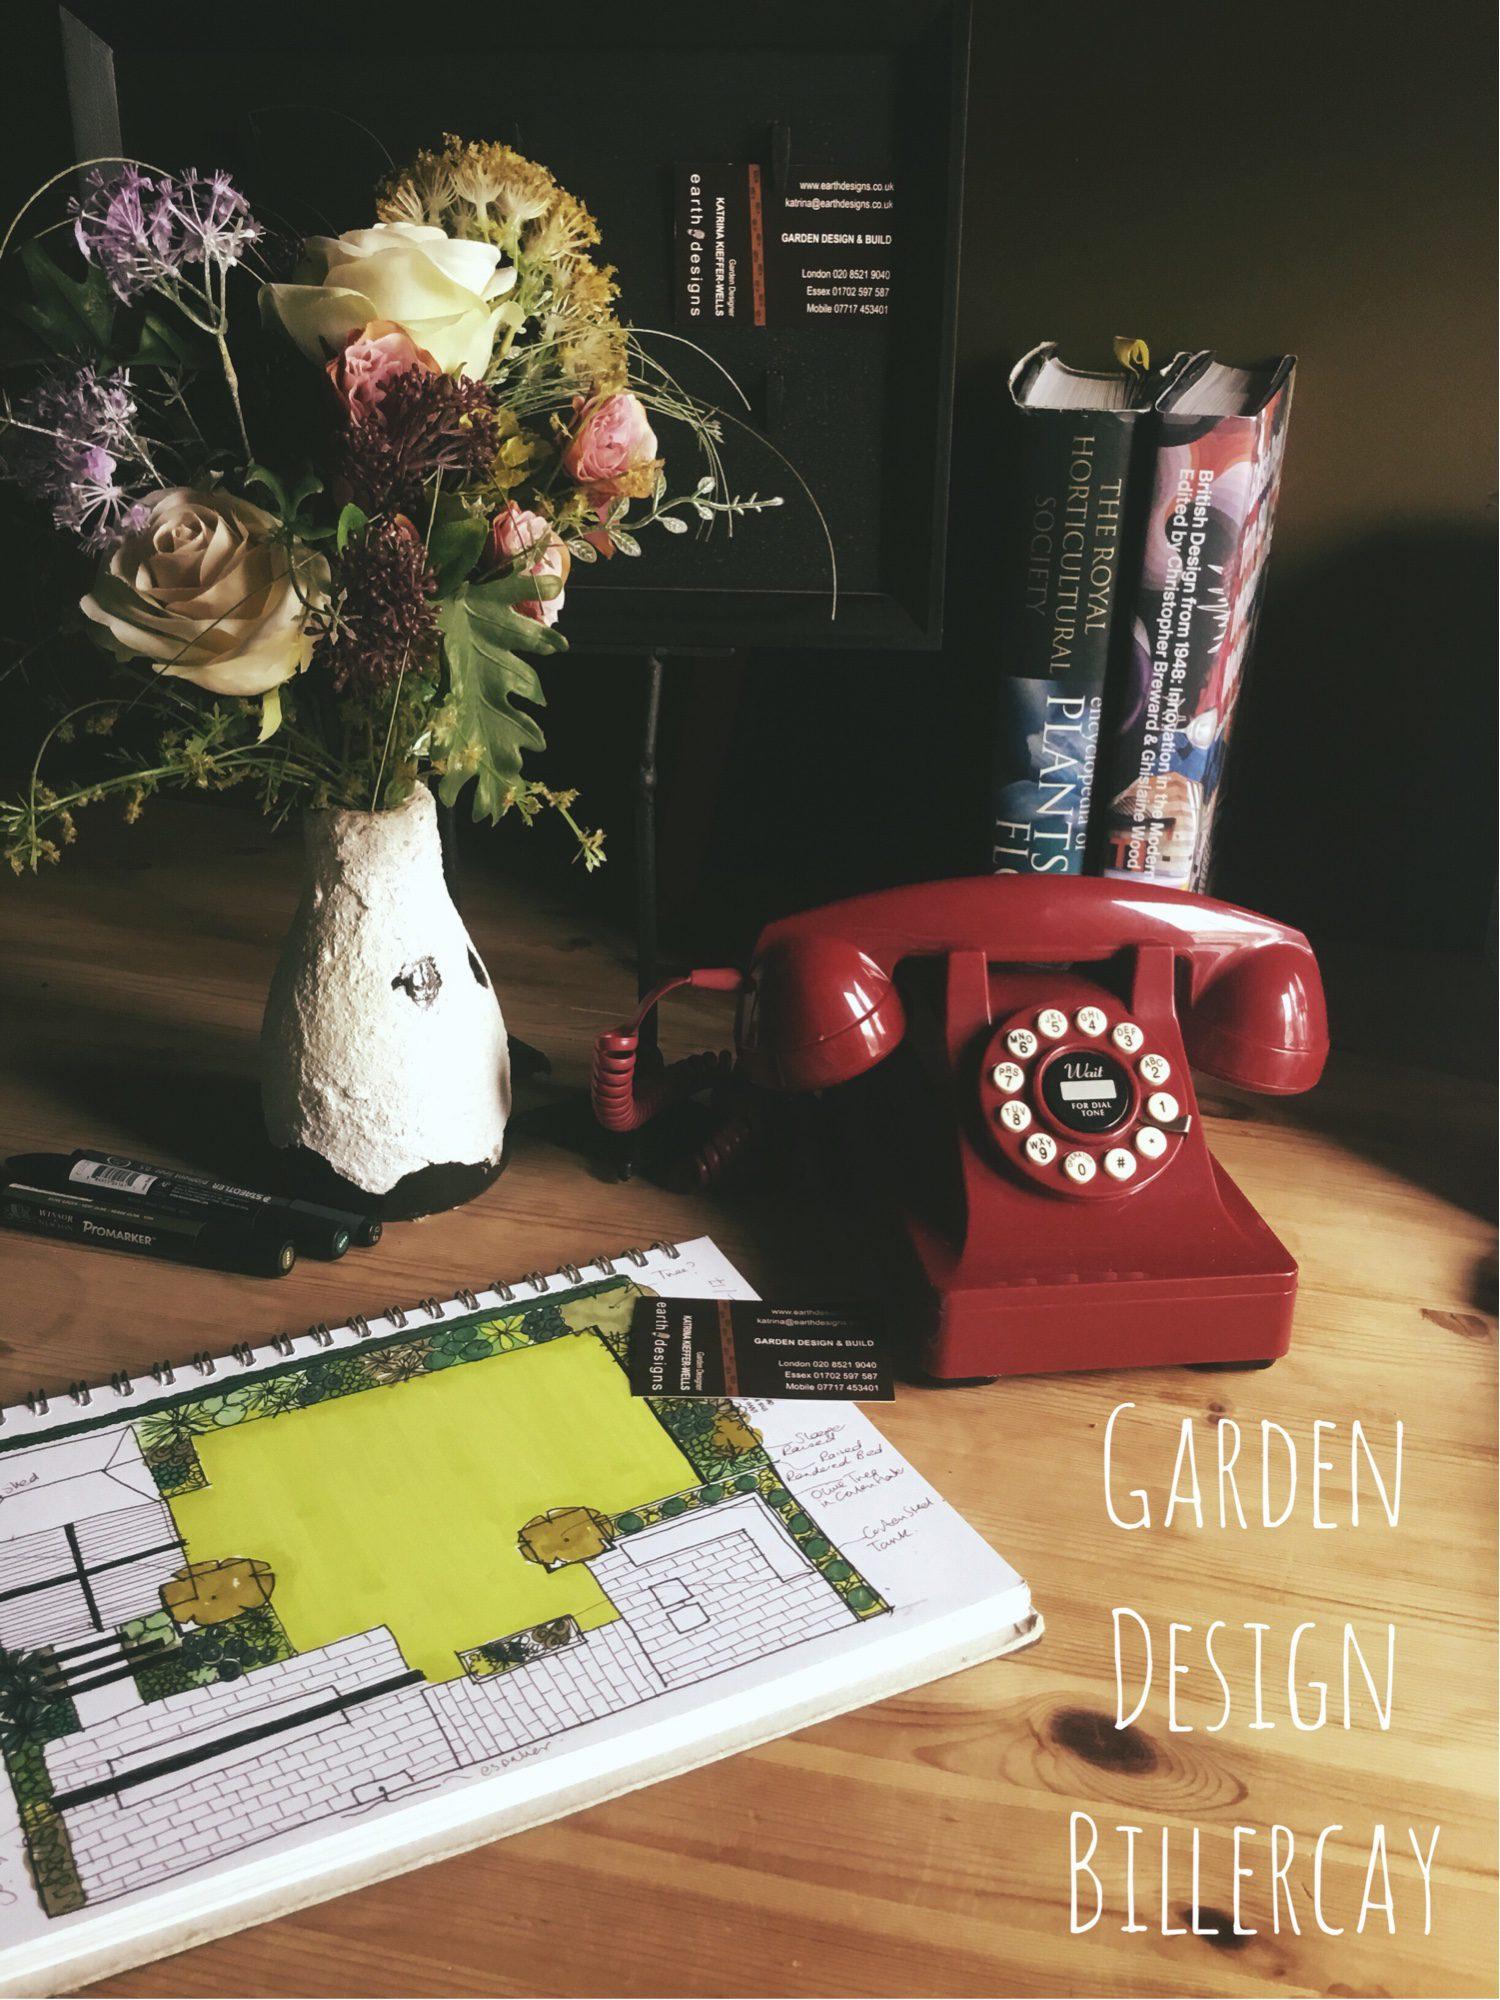 Garden Design Billericay